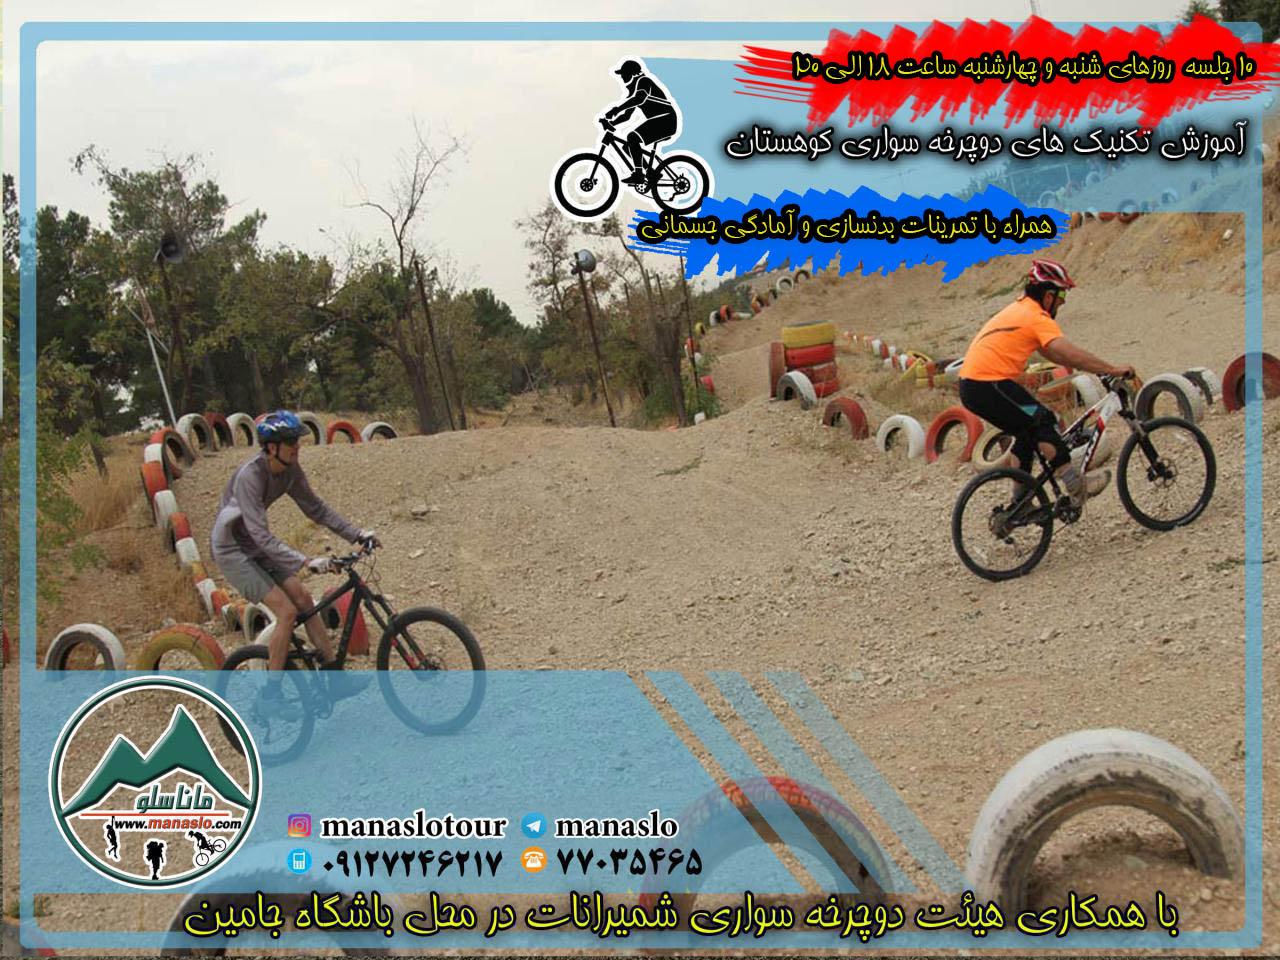 آموزش تکنیک های دوچرخه سواری کوهستان 10 جلسه